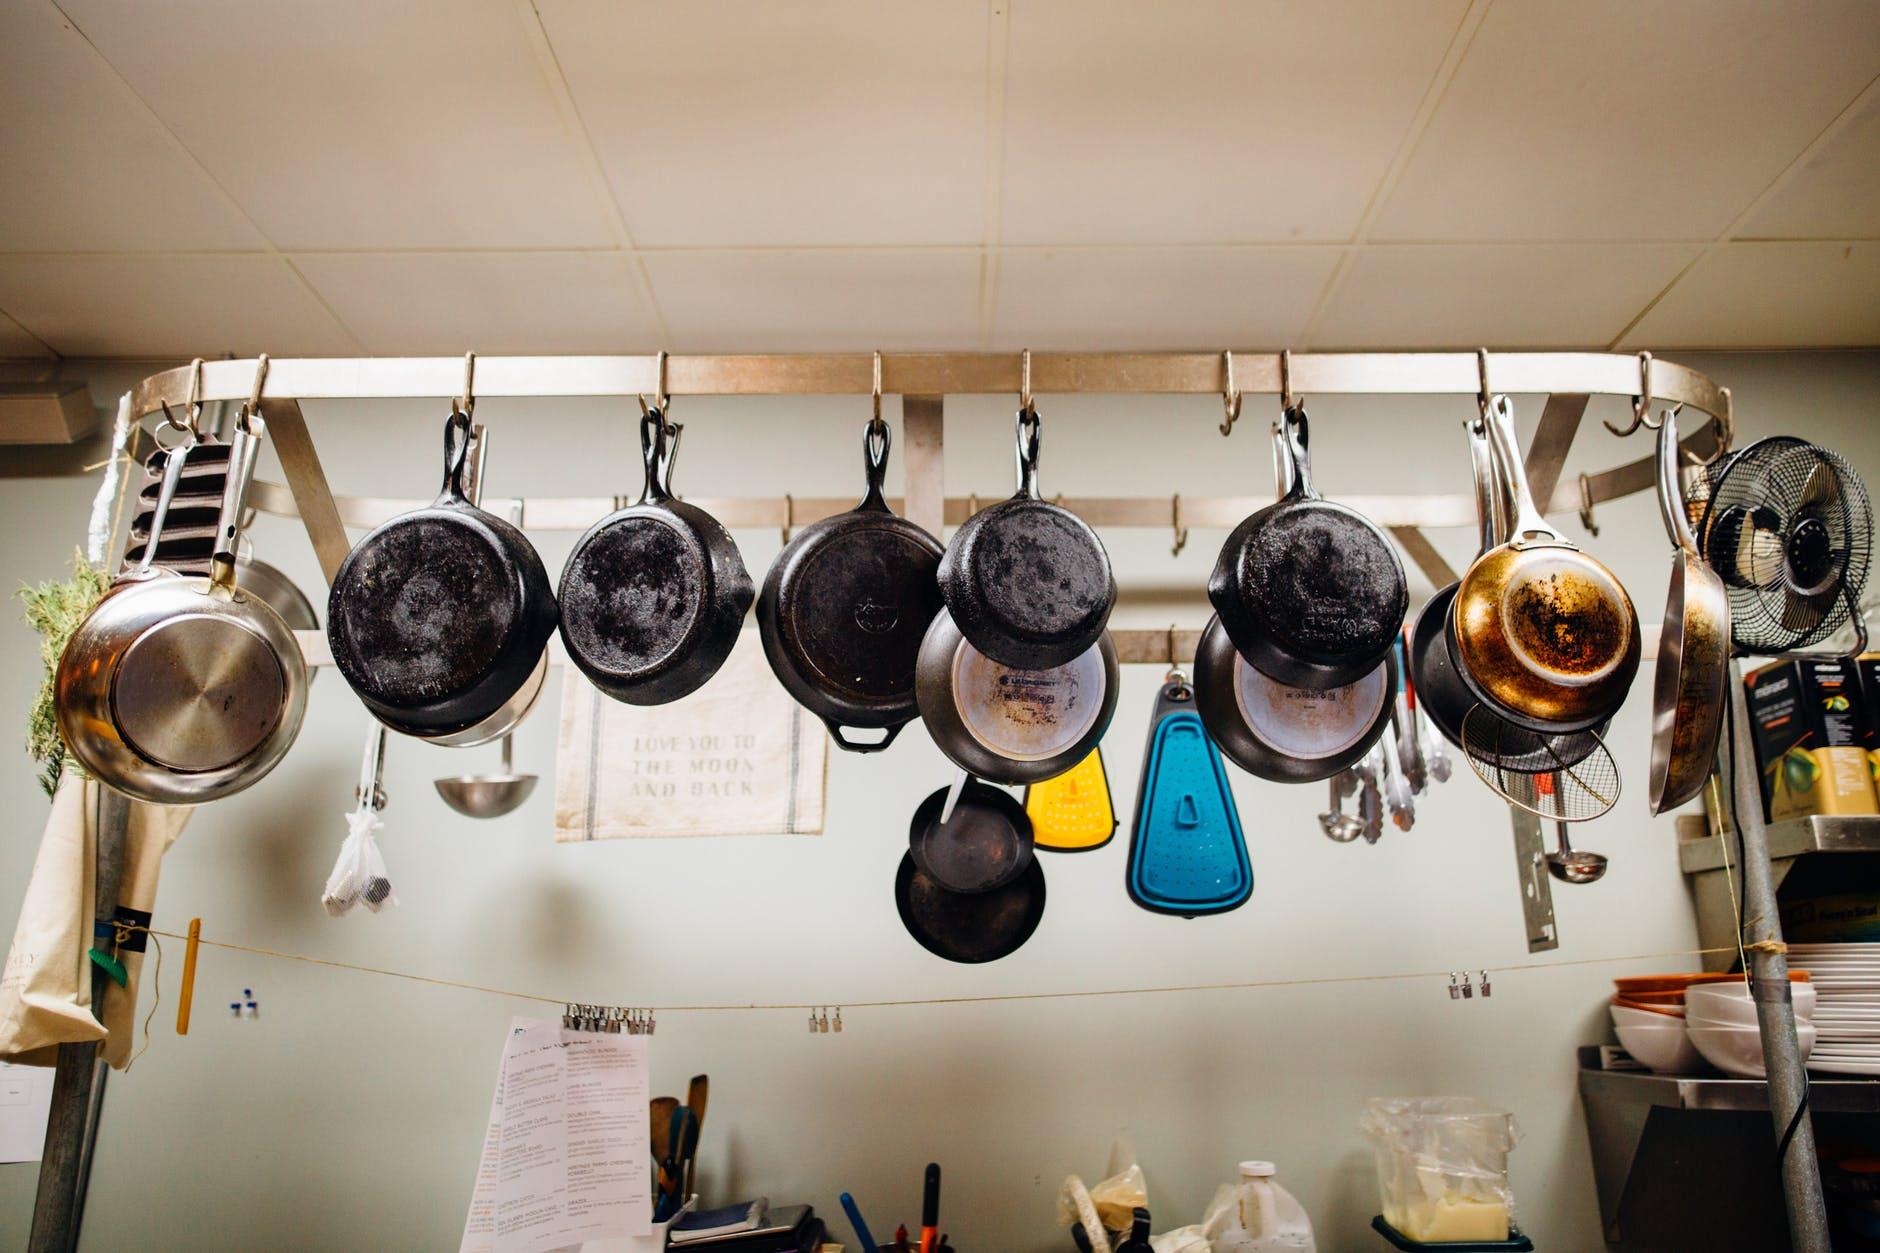 Jaką patelnię do kuchni warto wybrać?